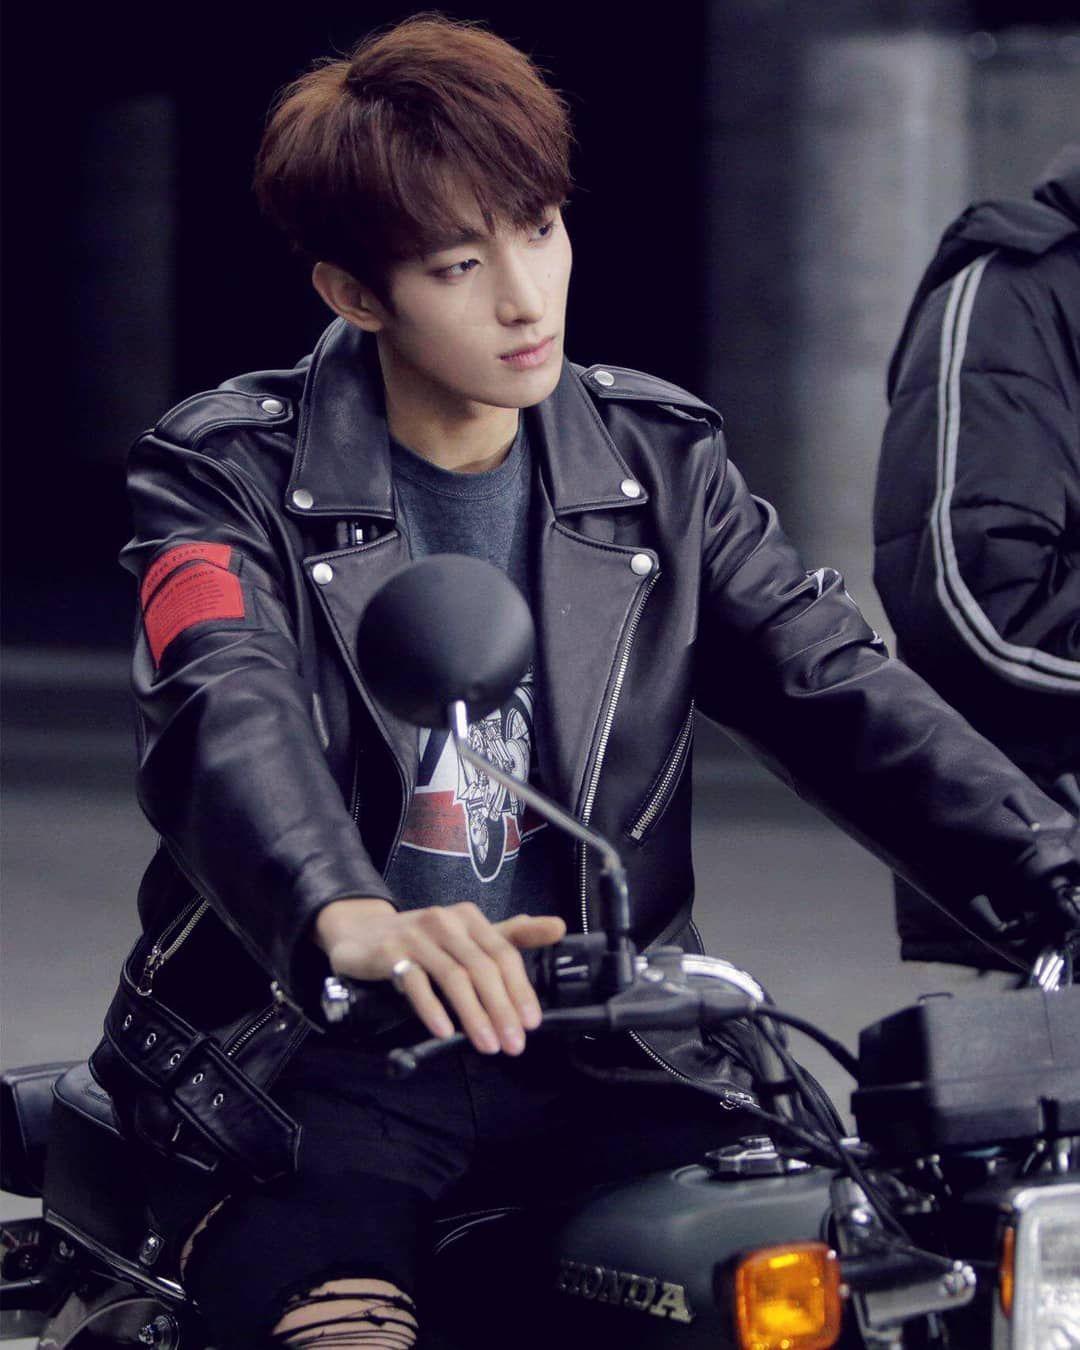 Kpop Seventeen Callcallcall Kpopfan Kpopidol Idol Dk Dokyeom Seventeendk Seventeenthe8 Seokmin Leeseokmin Seventeen Entertainment Hip Hop